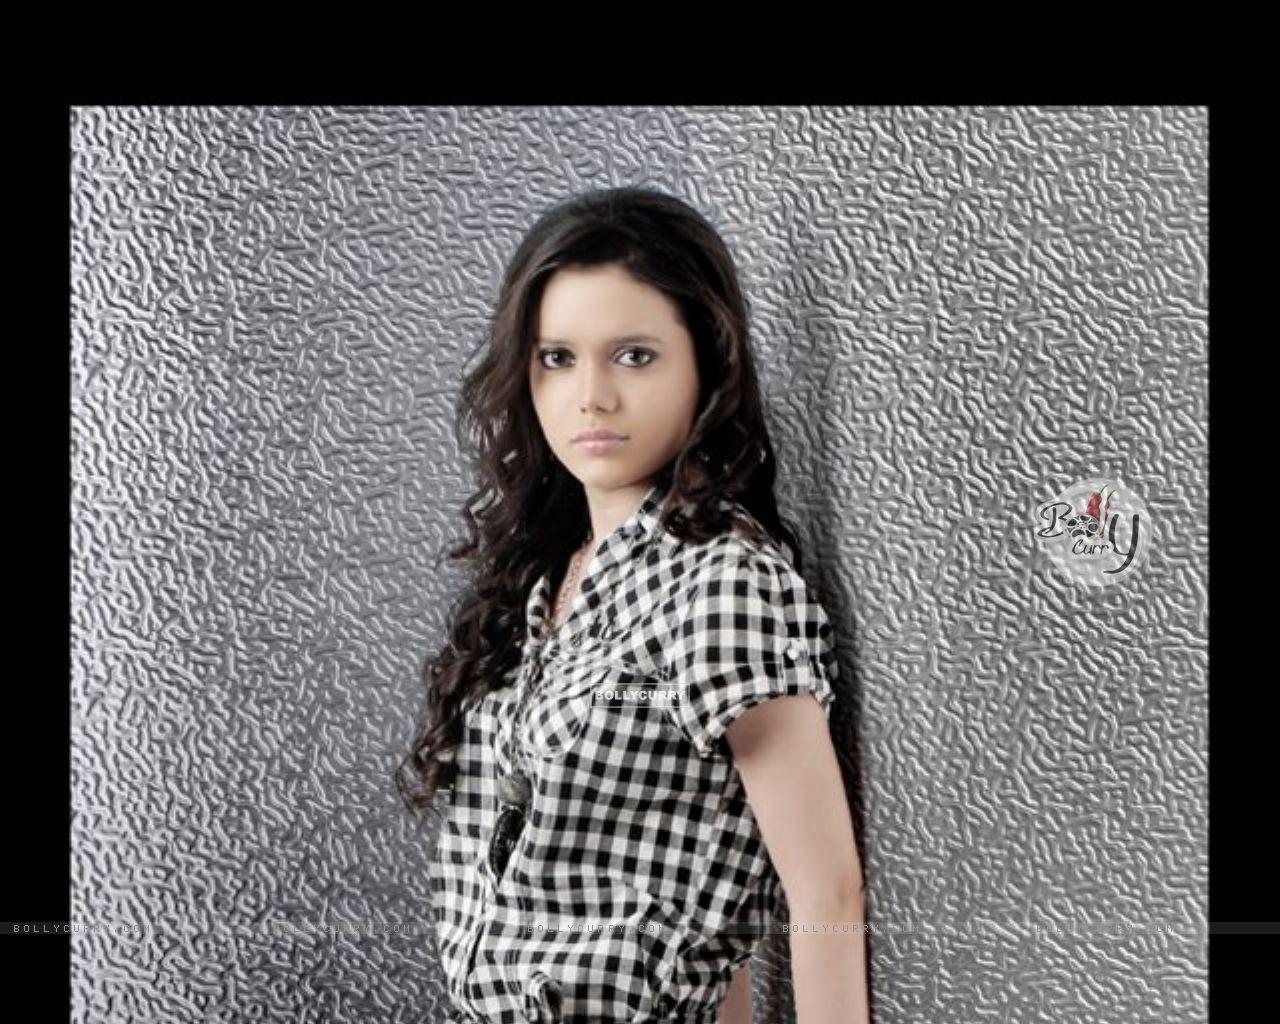 Wallpaper - Shruti Kanwar (214895) size:1280x1024